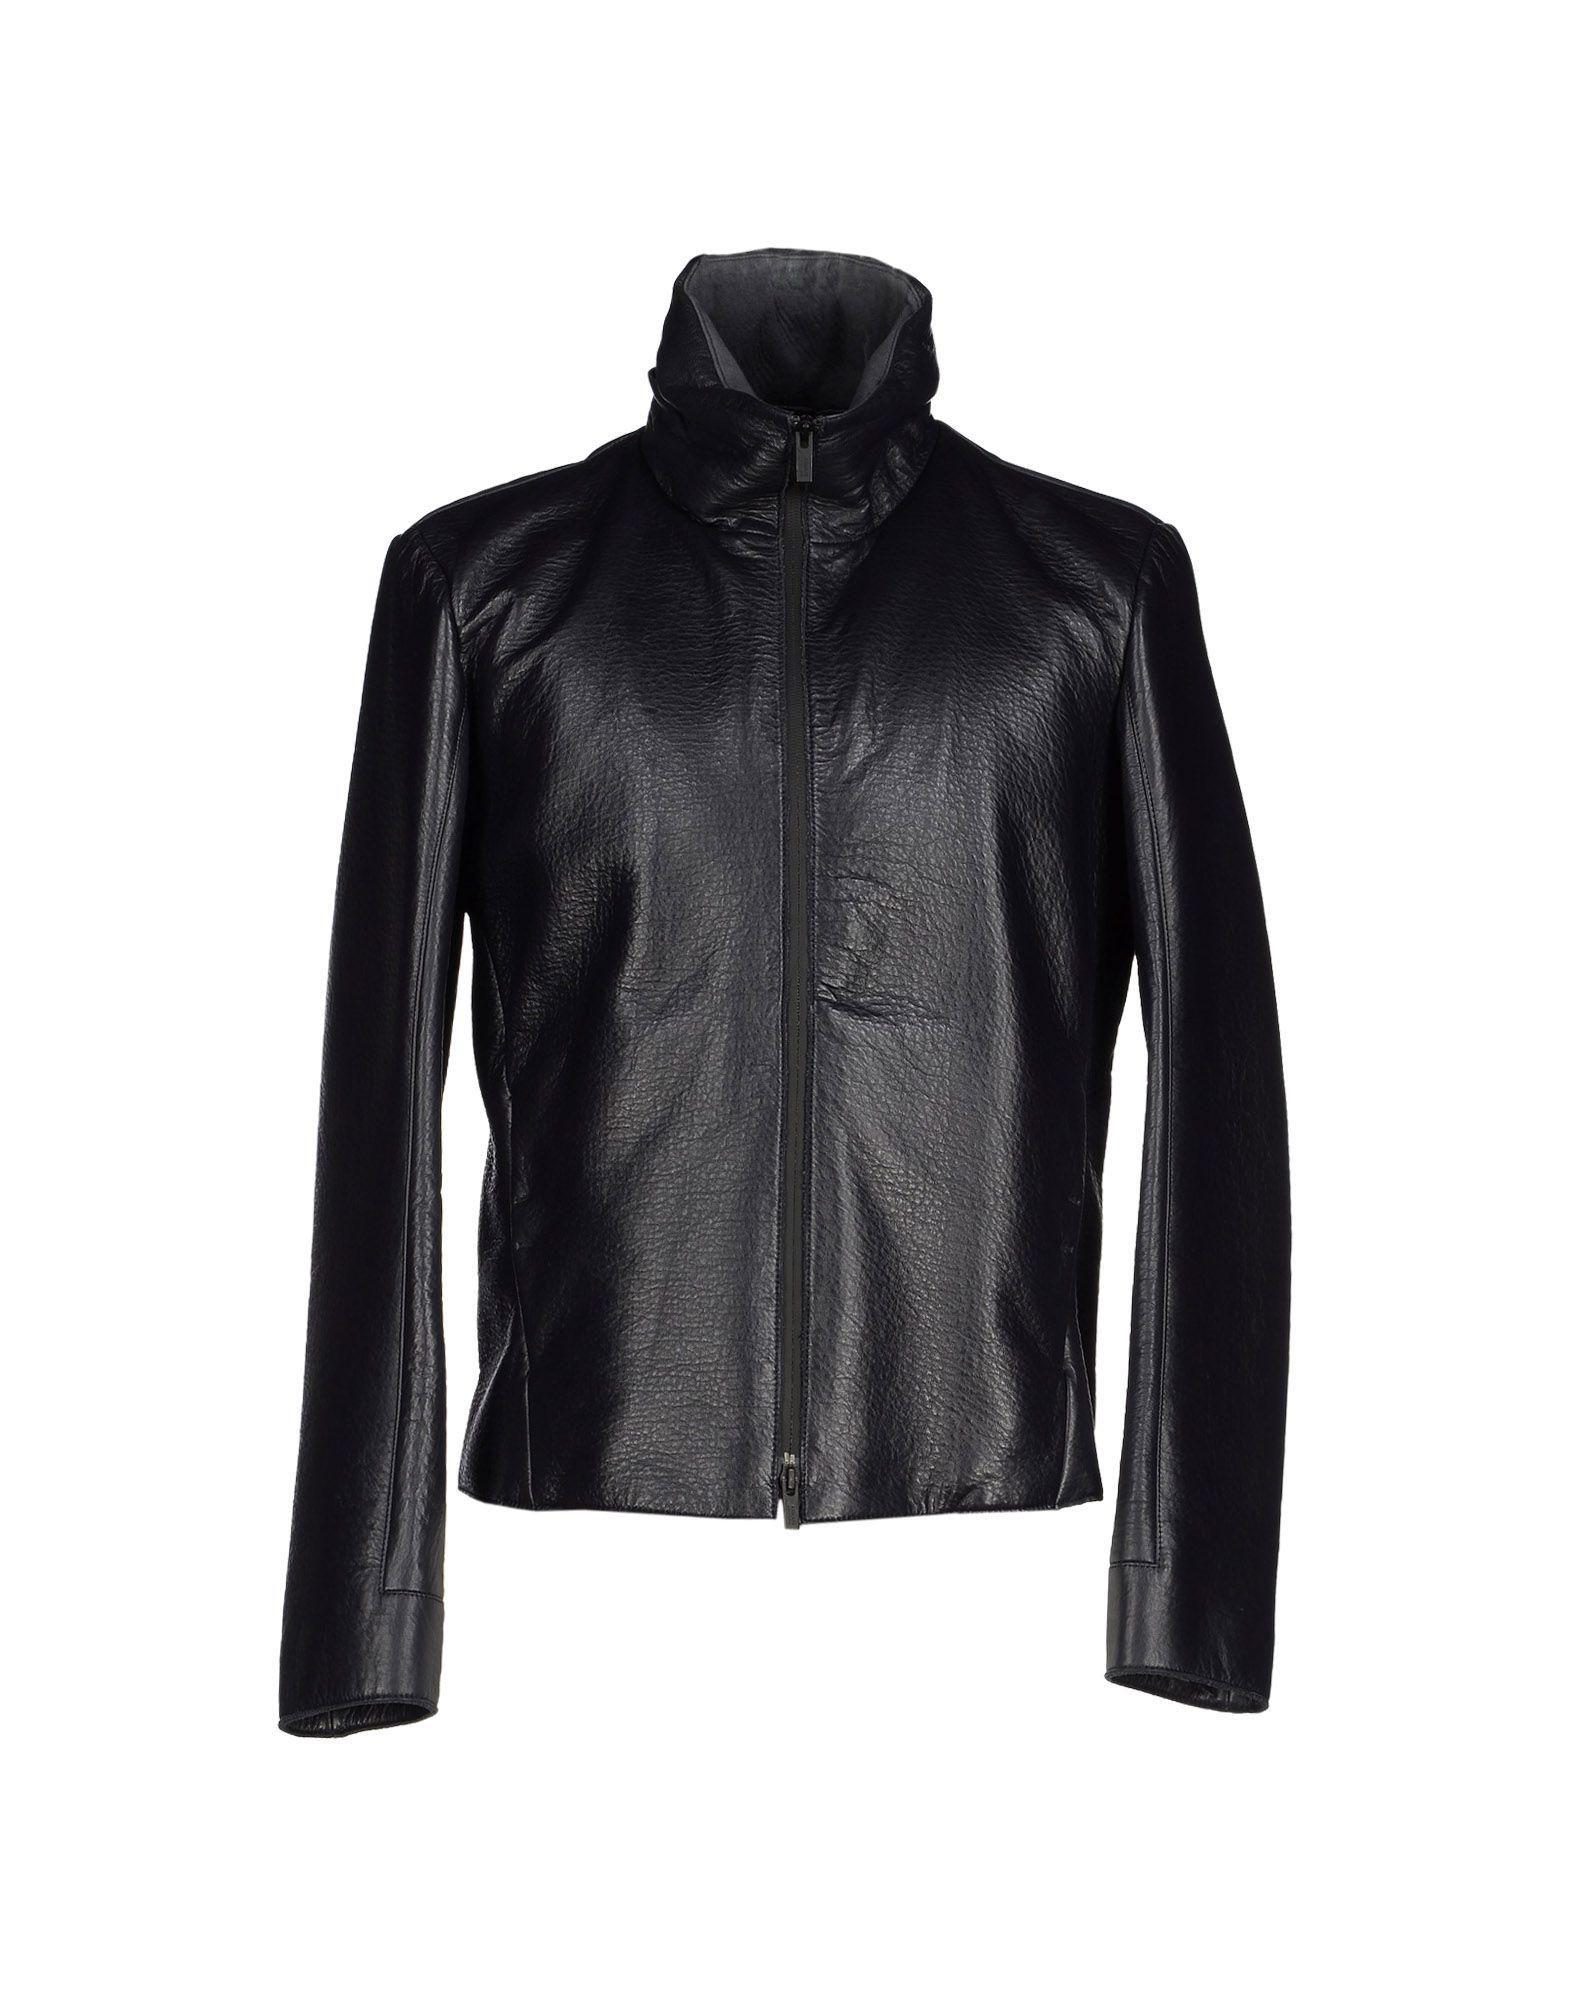 Jacket Jackets, Armani jacket, Leather jacket